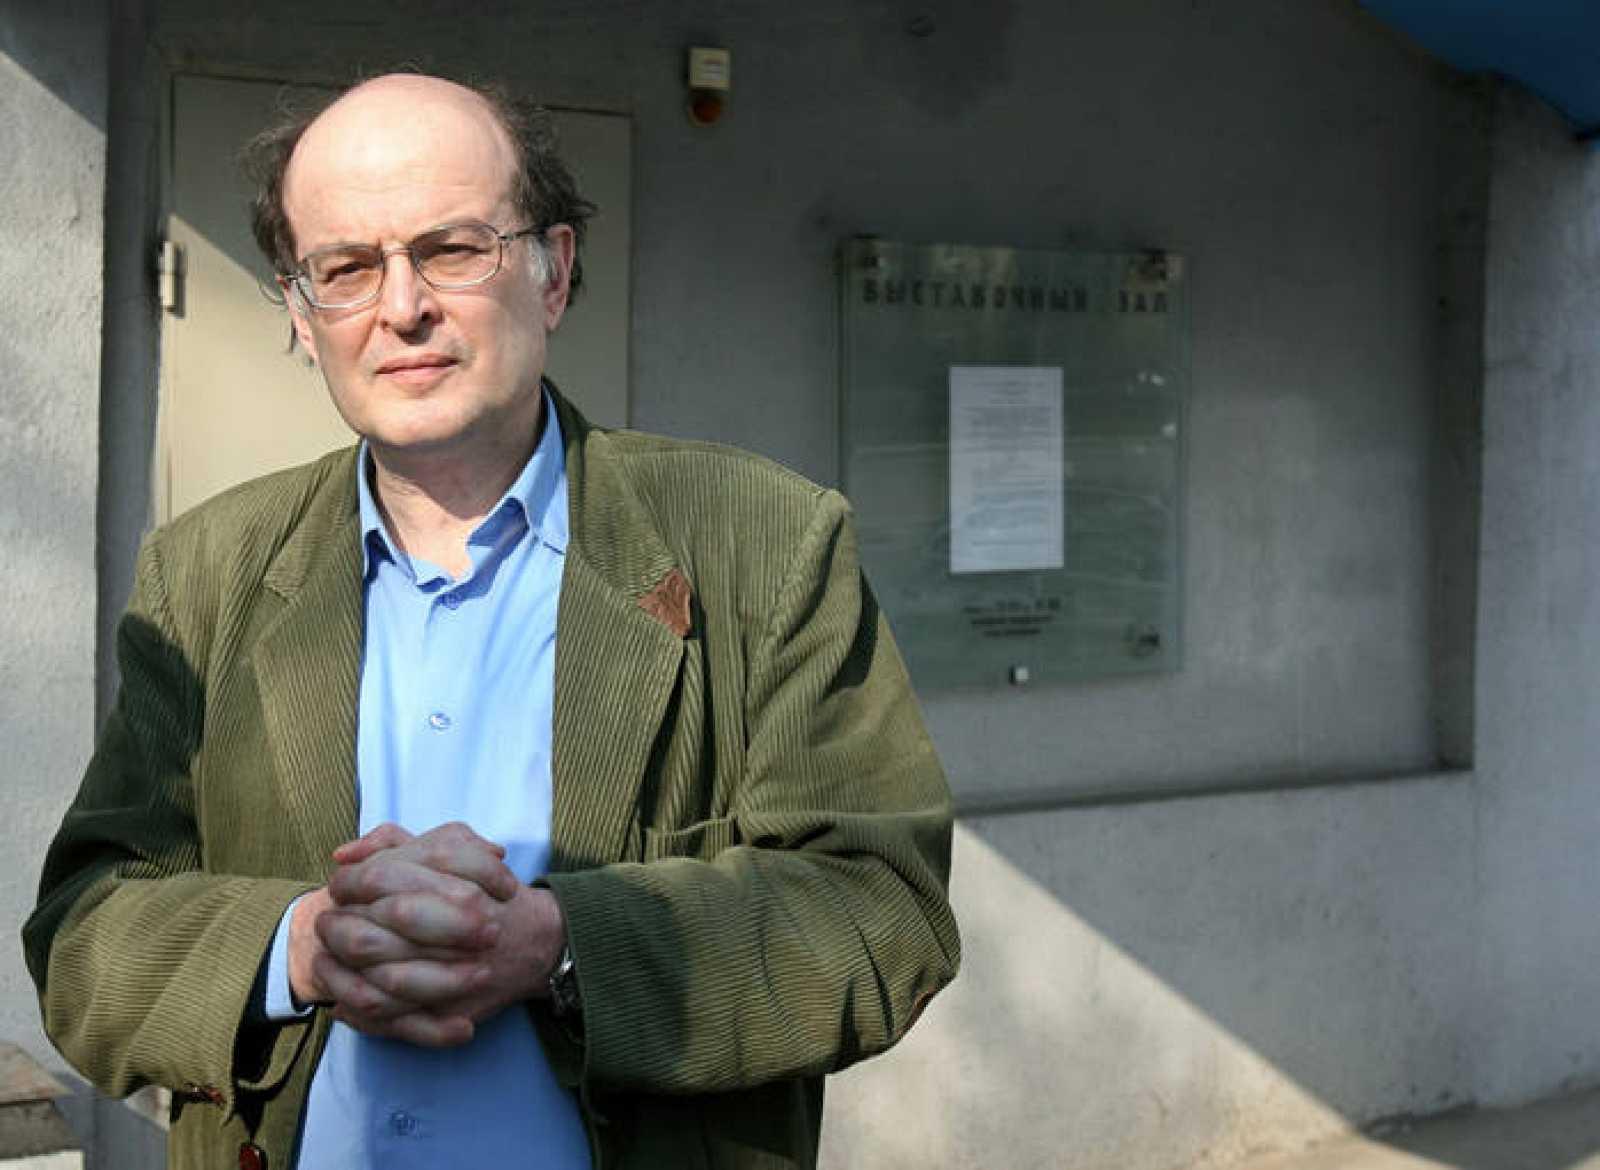 El director del Museo Sajarov Yuri Samodurov, uno de los condenados